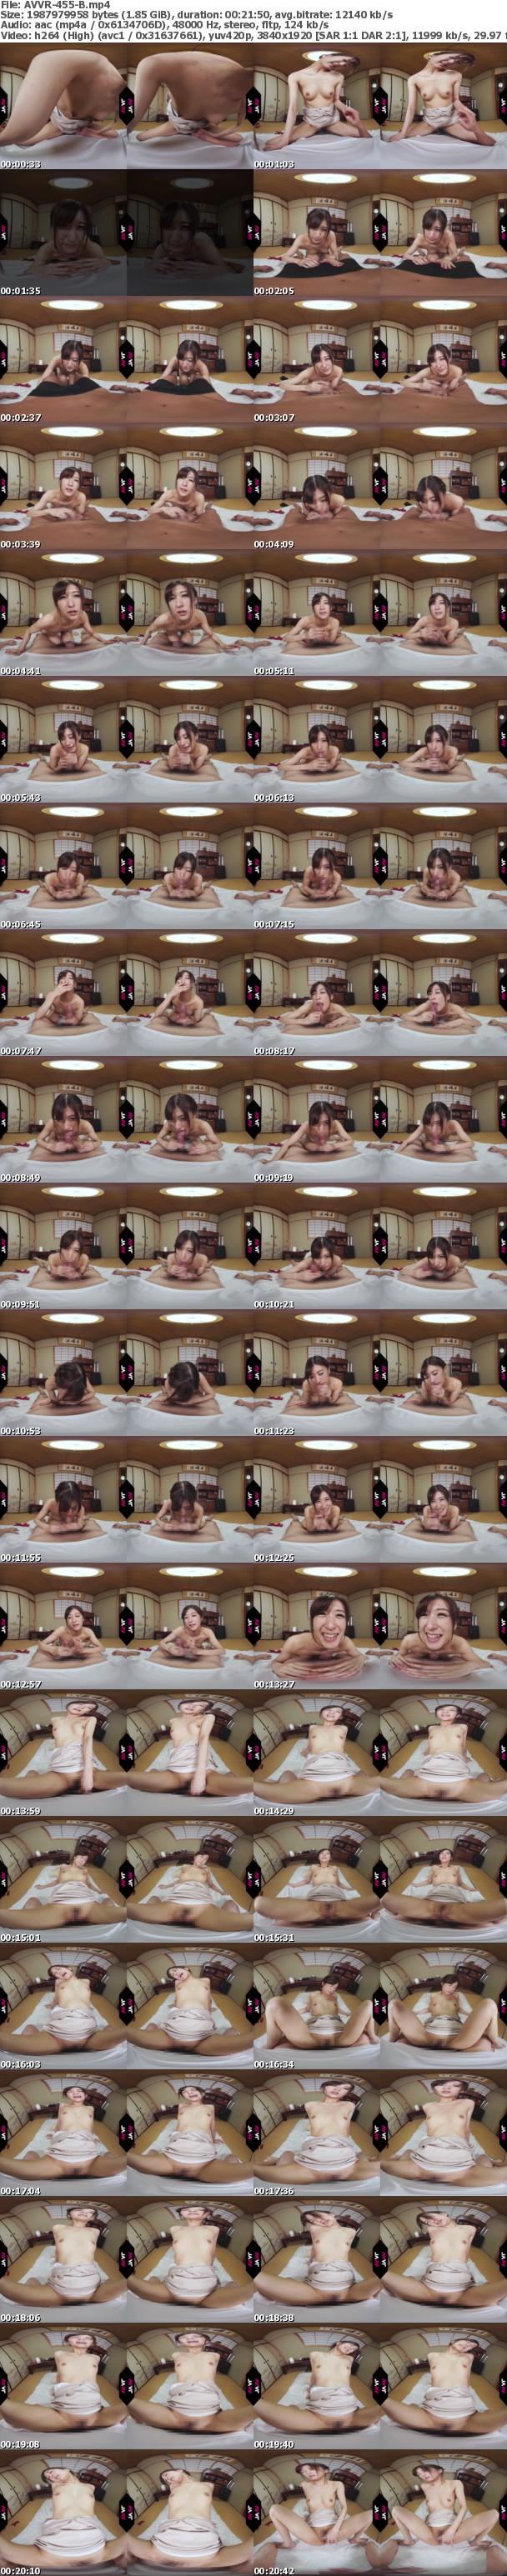 VR/3D AVVR-455 大学合格を記念してお姉ちゃんと温泉旅行!中出し子作りセックス! 神波多一花